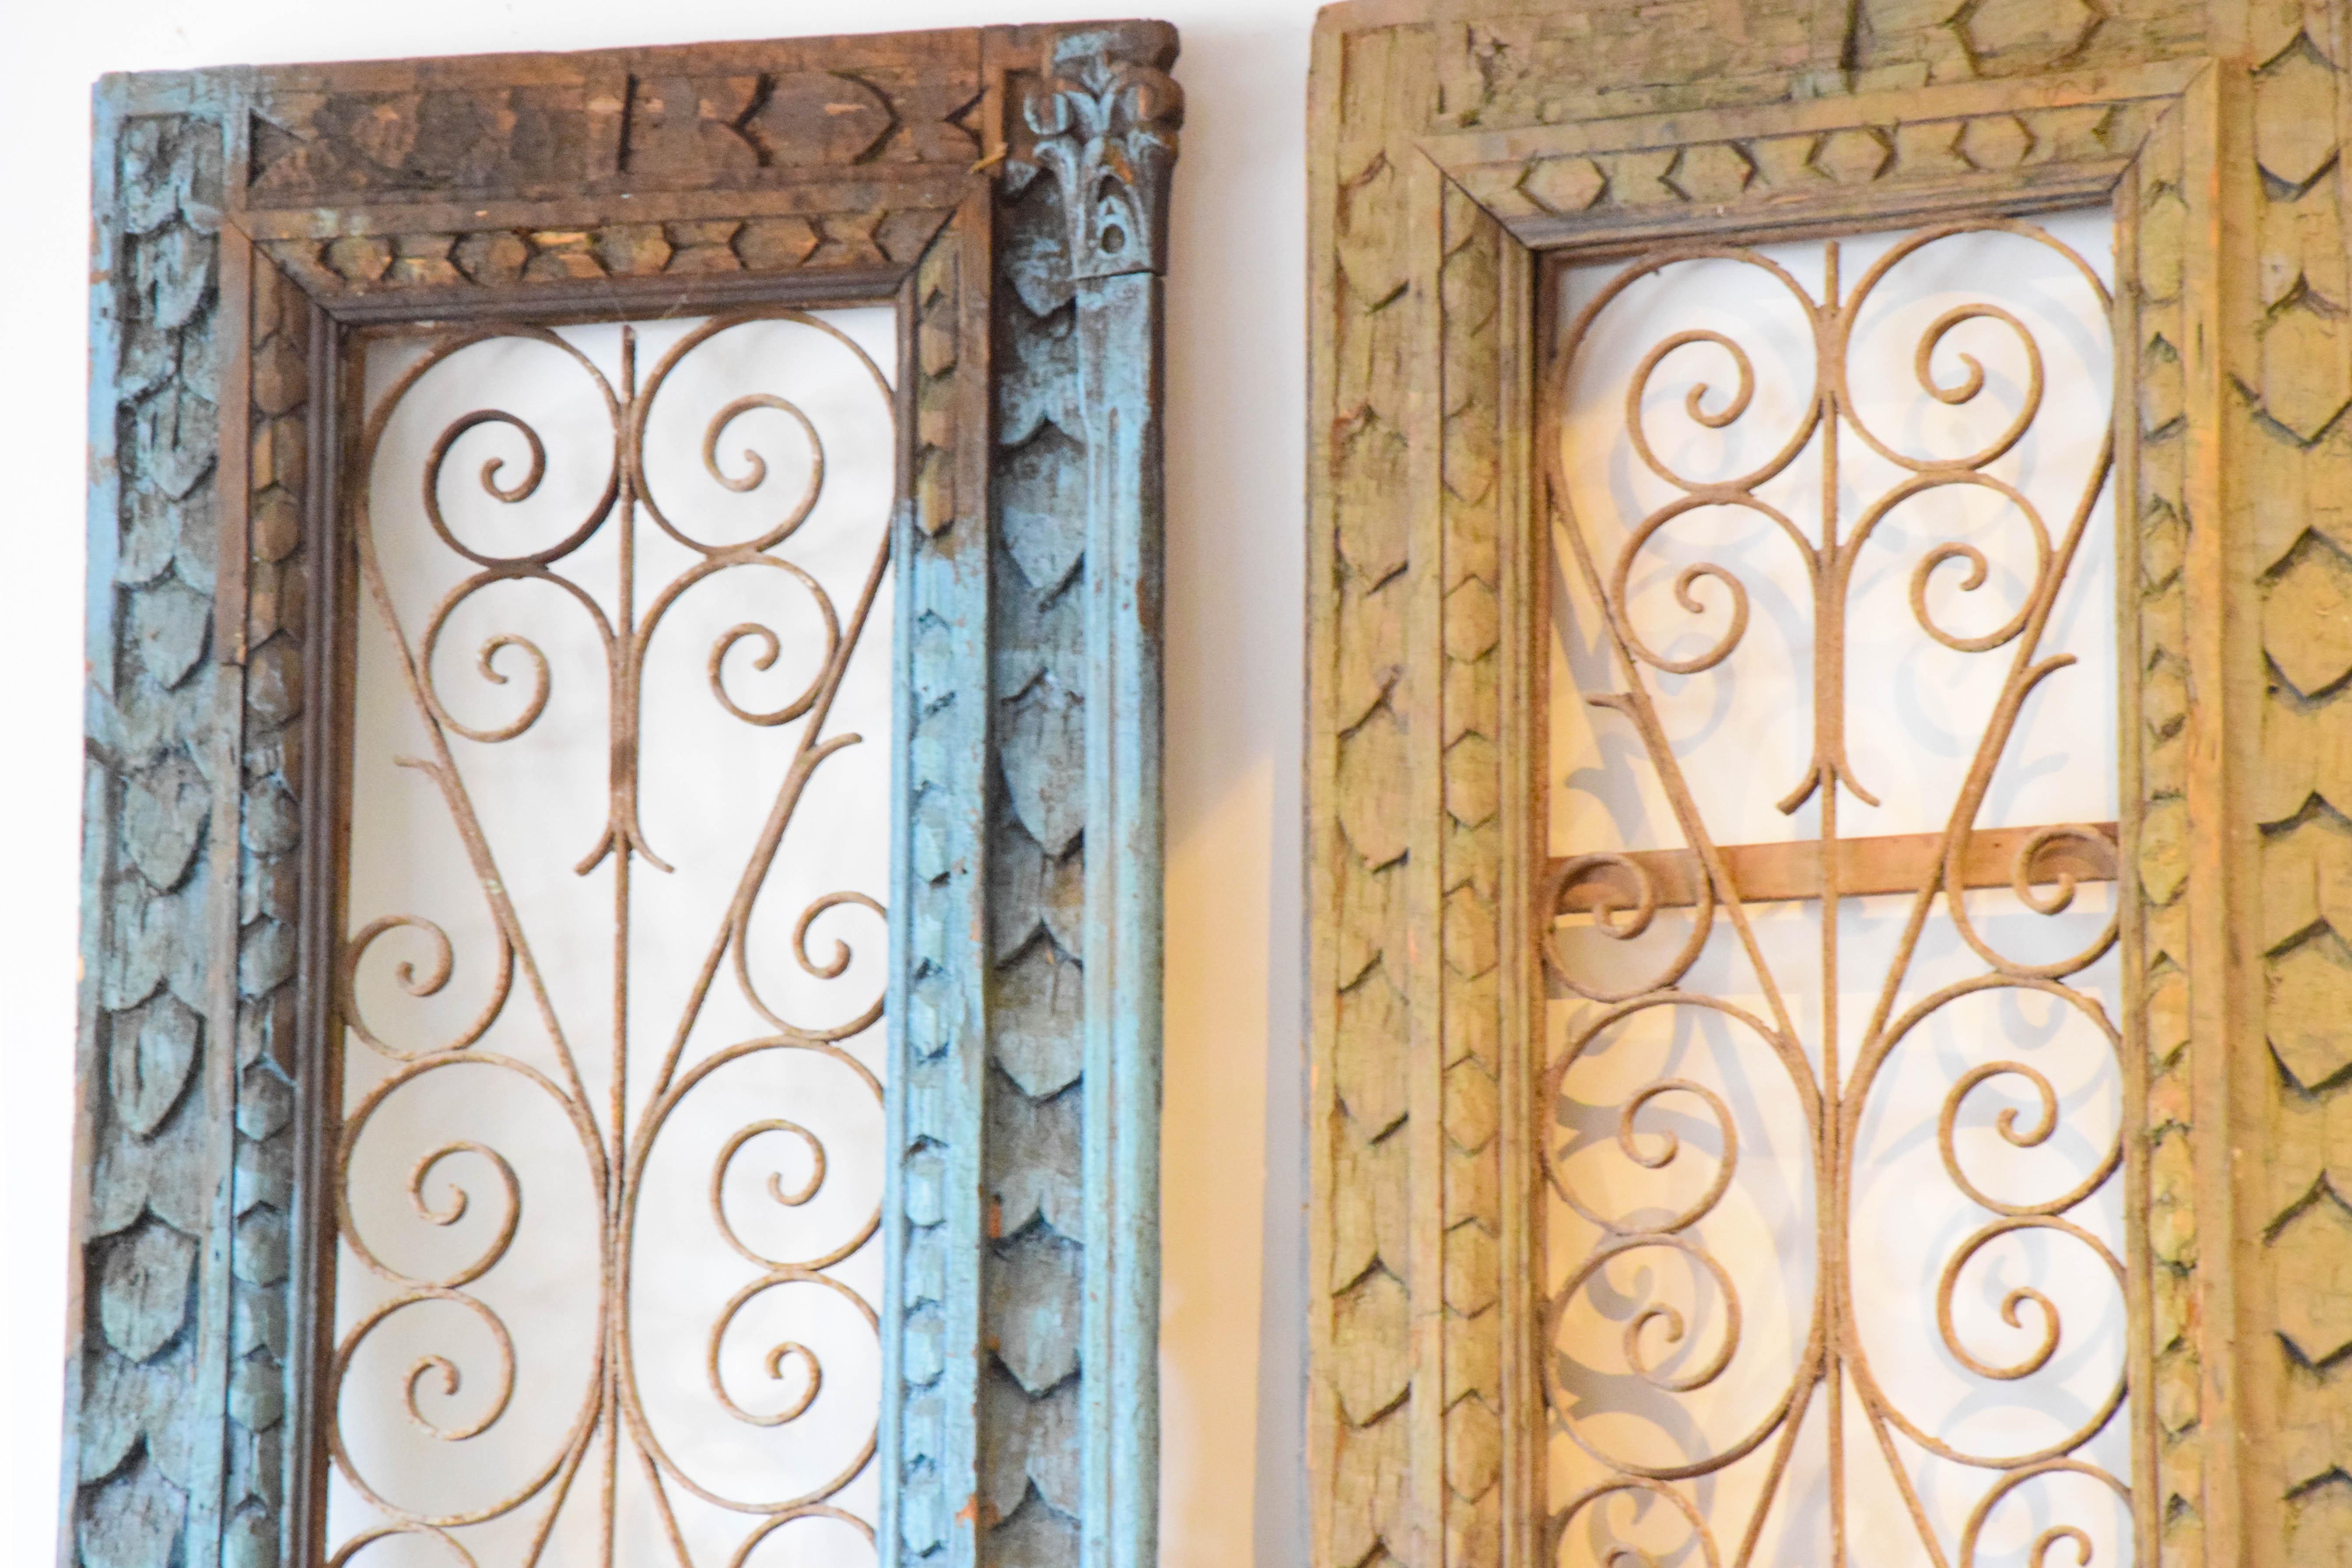 Fondos de pantalla : ventana, madera, vaso, patrón, puerta, Suecia ...